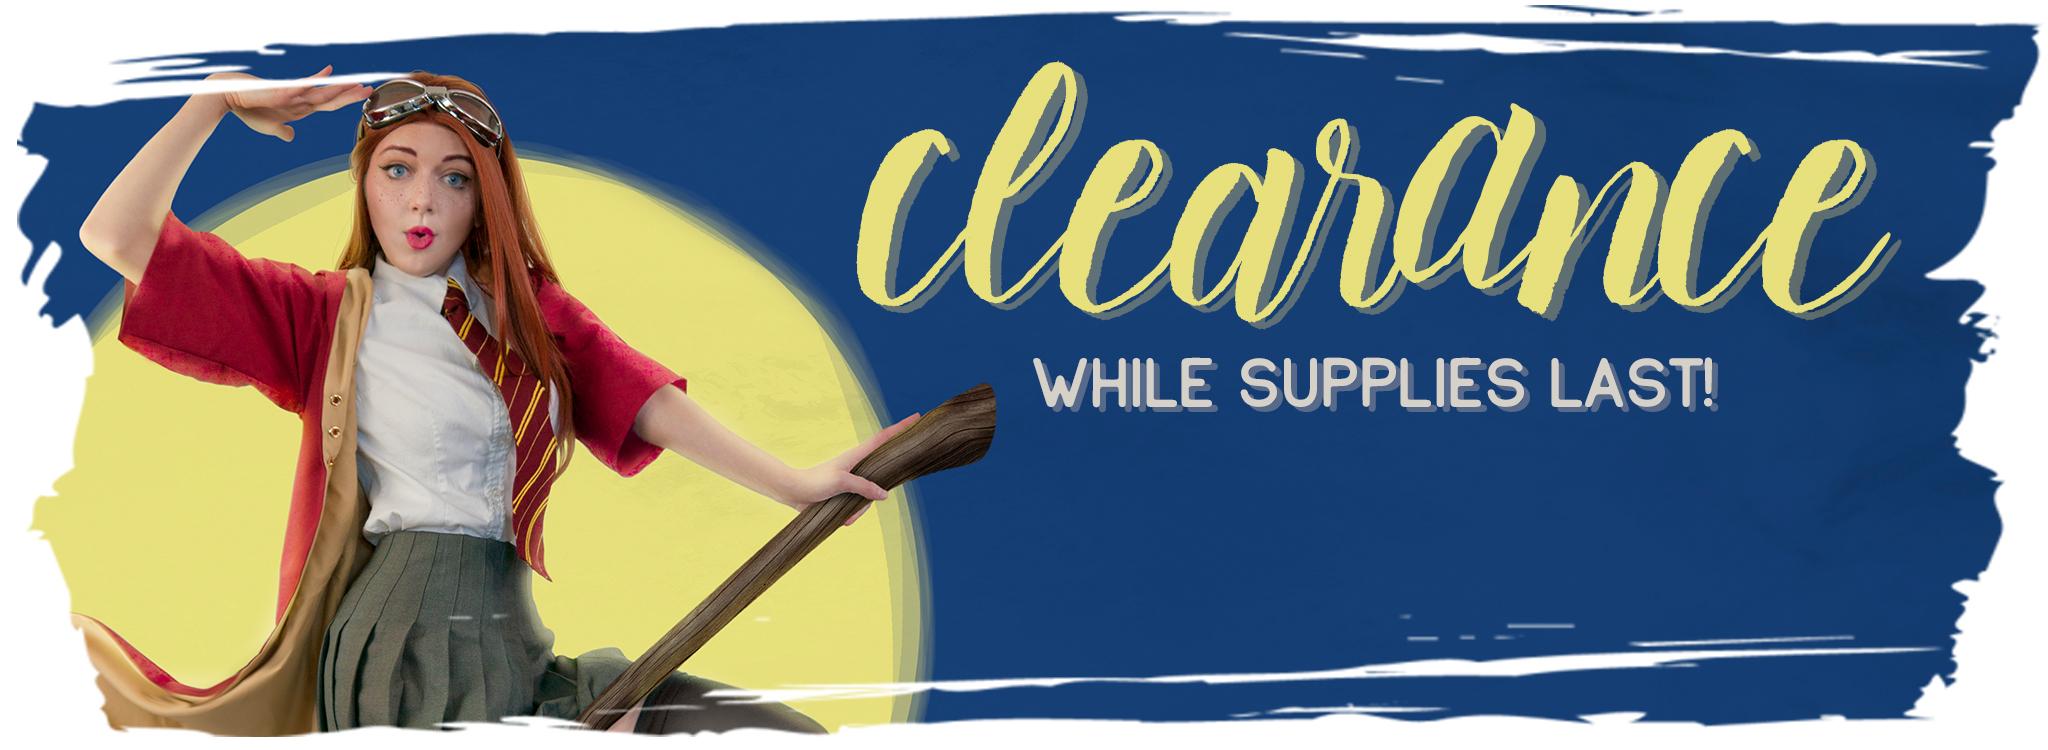 clearance sign.jpg